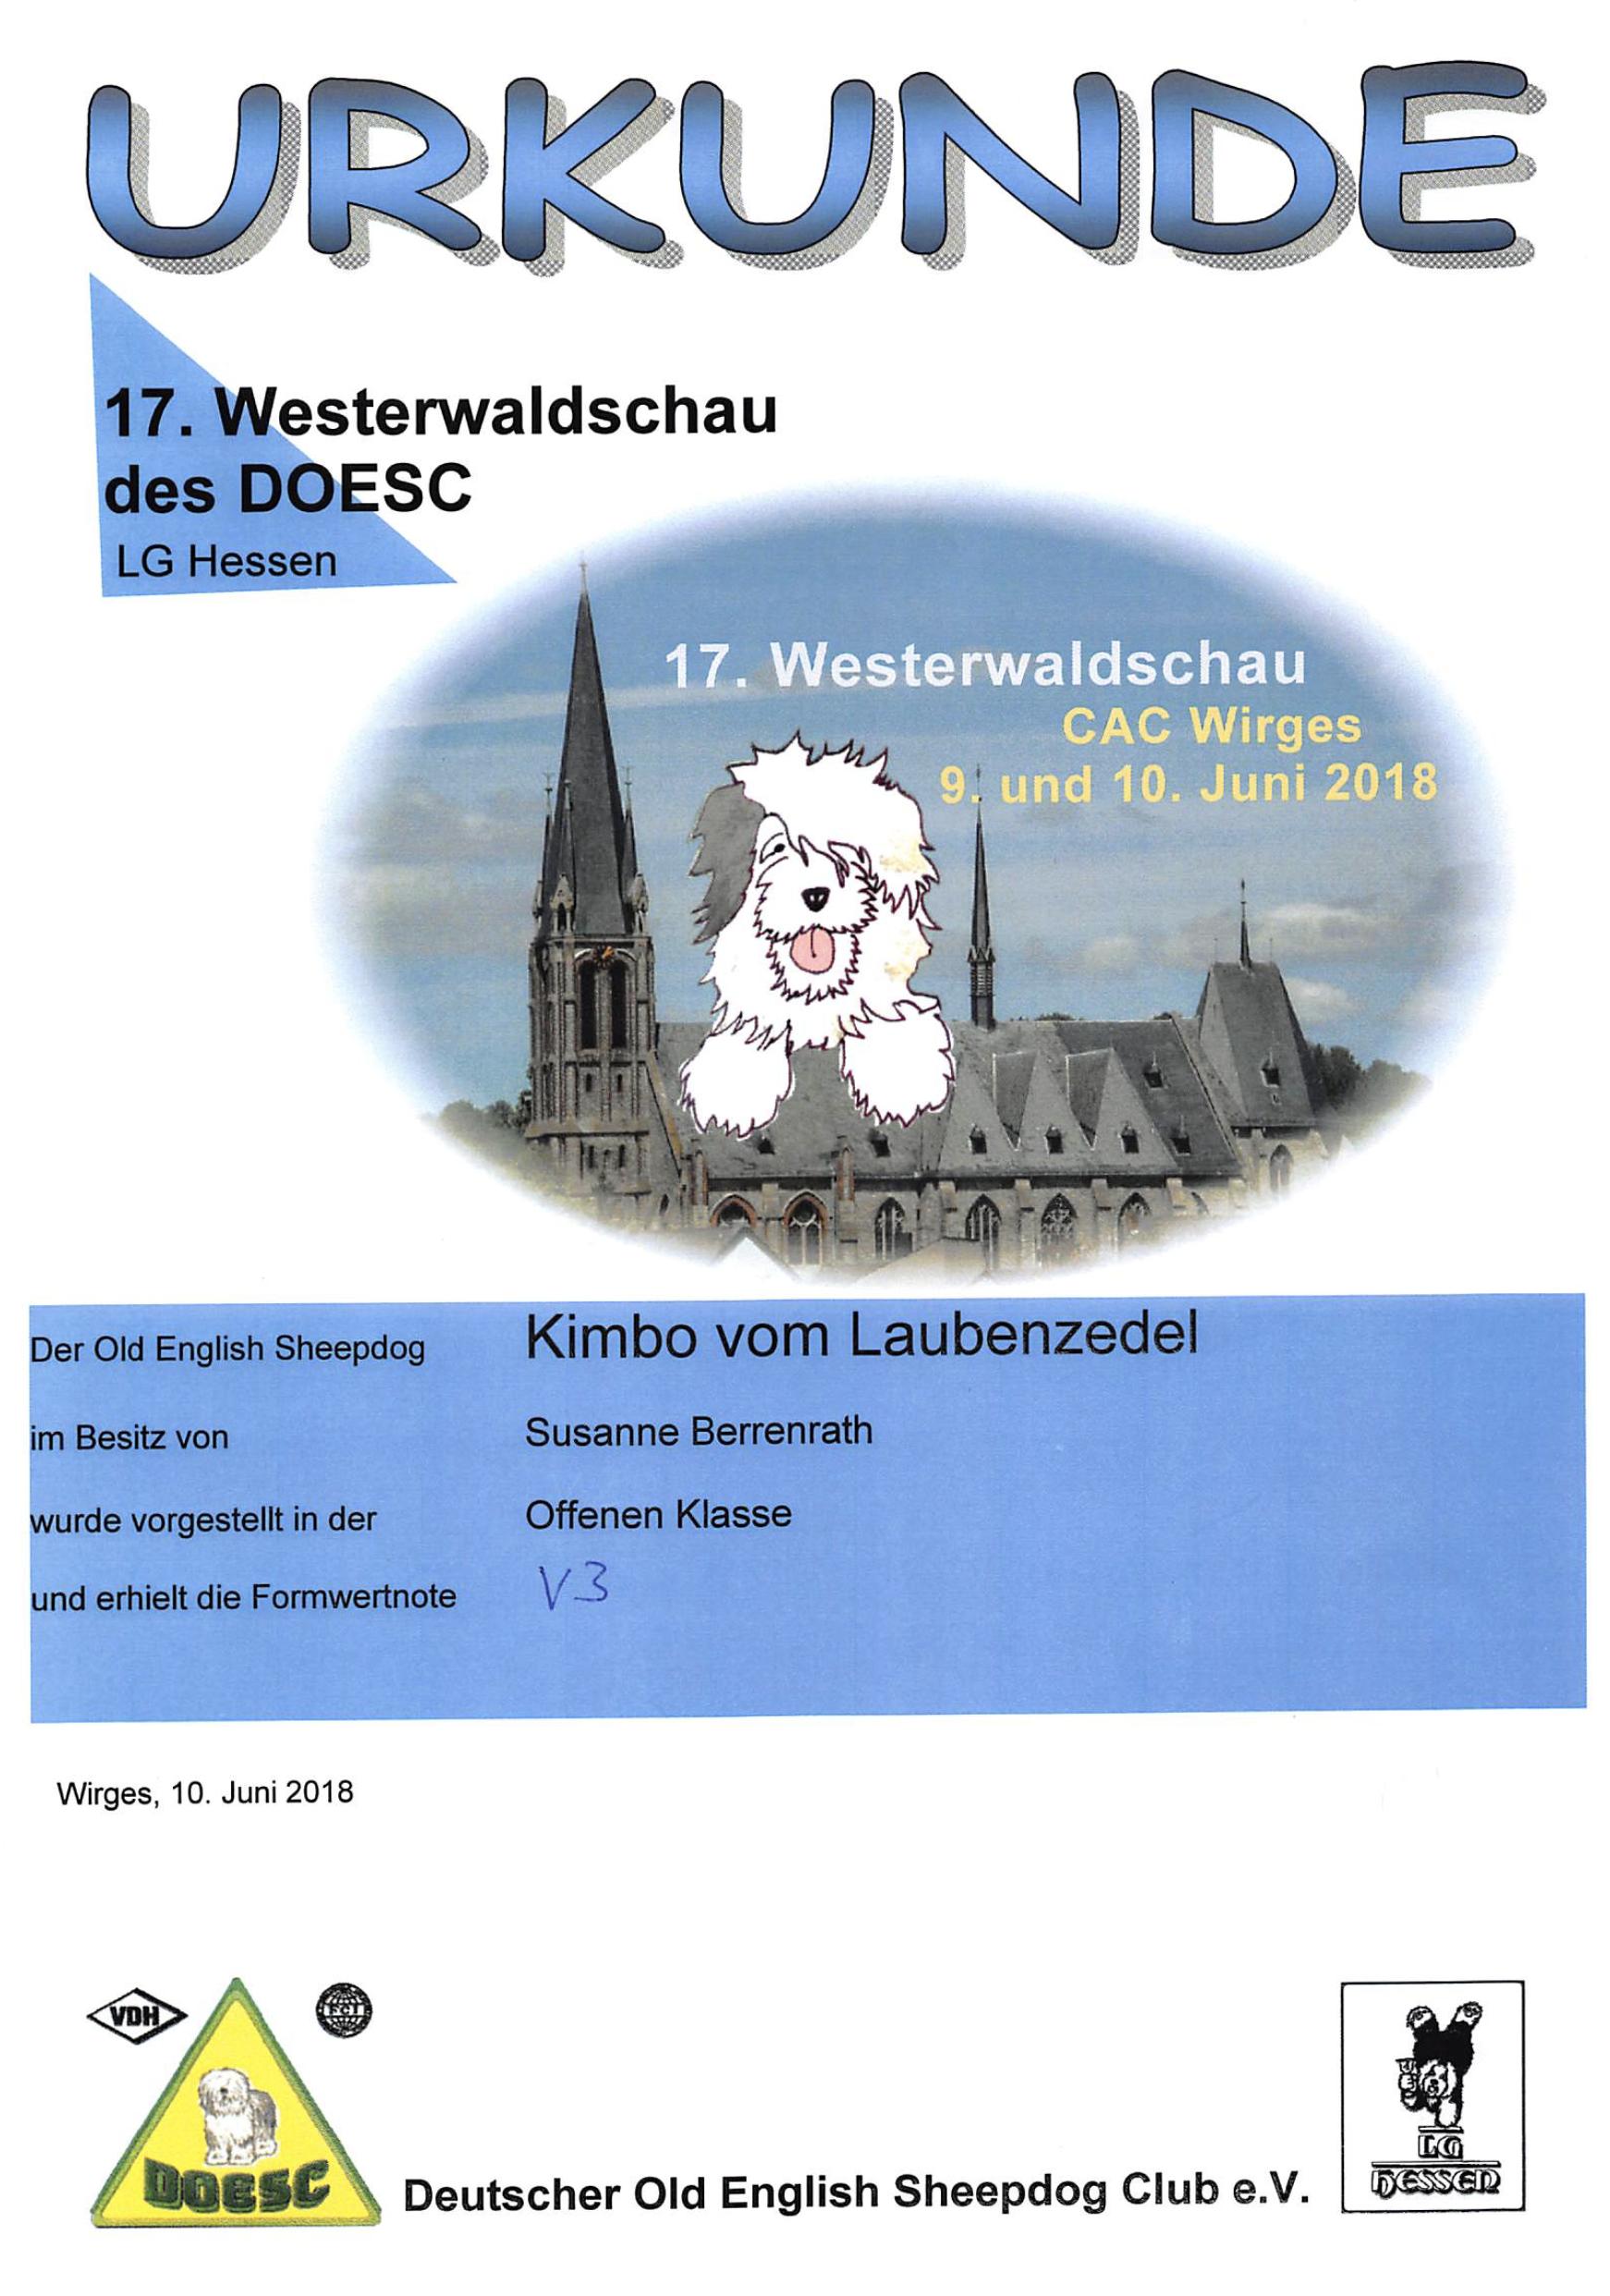 17. Westerwaldschau des DOESC